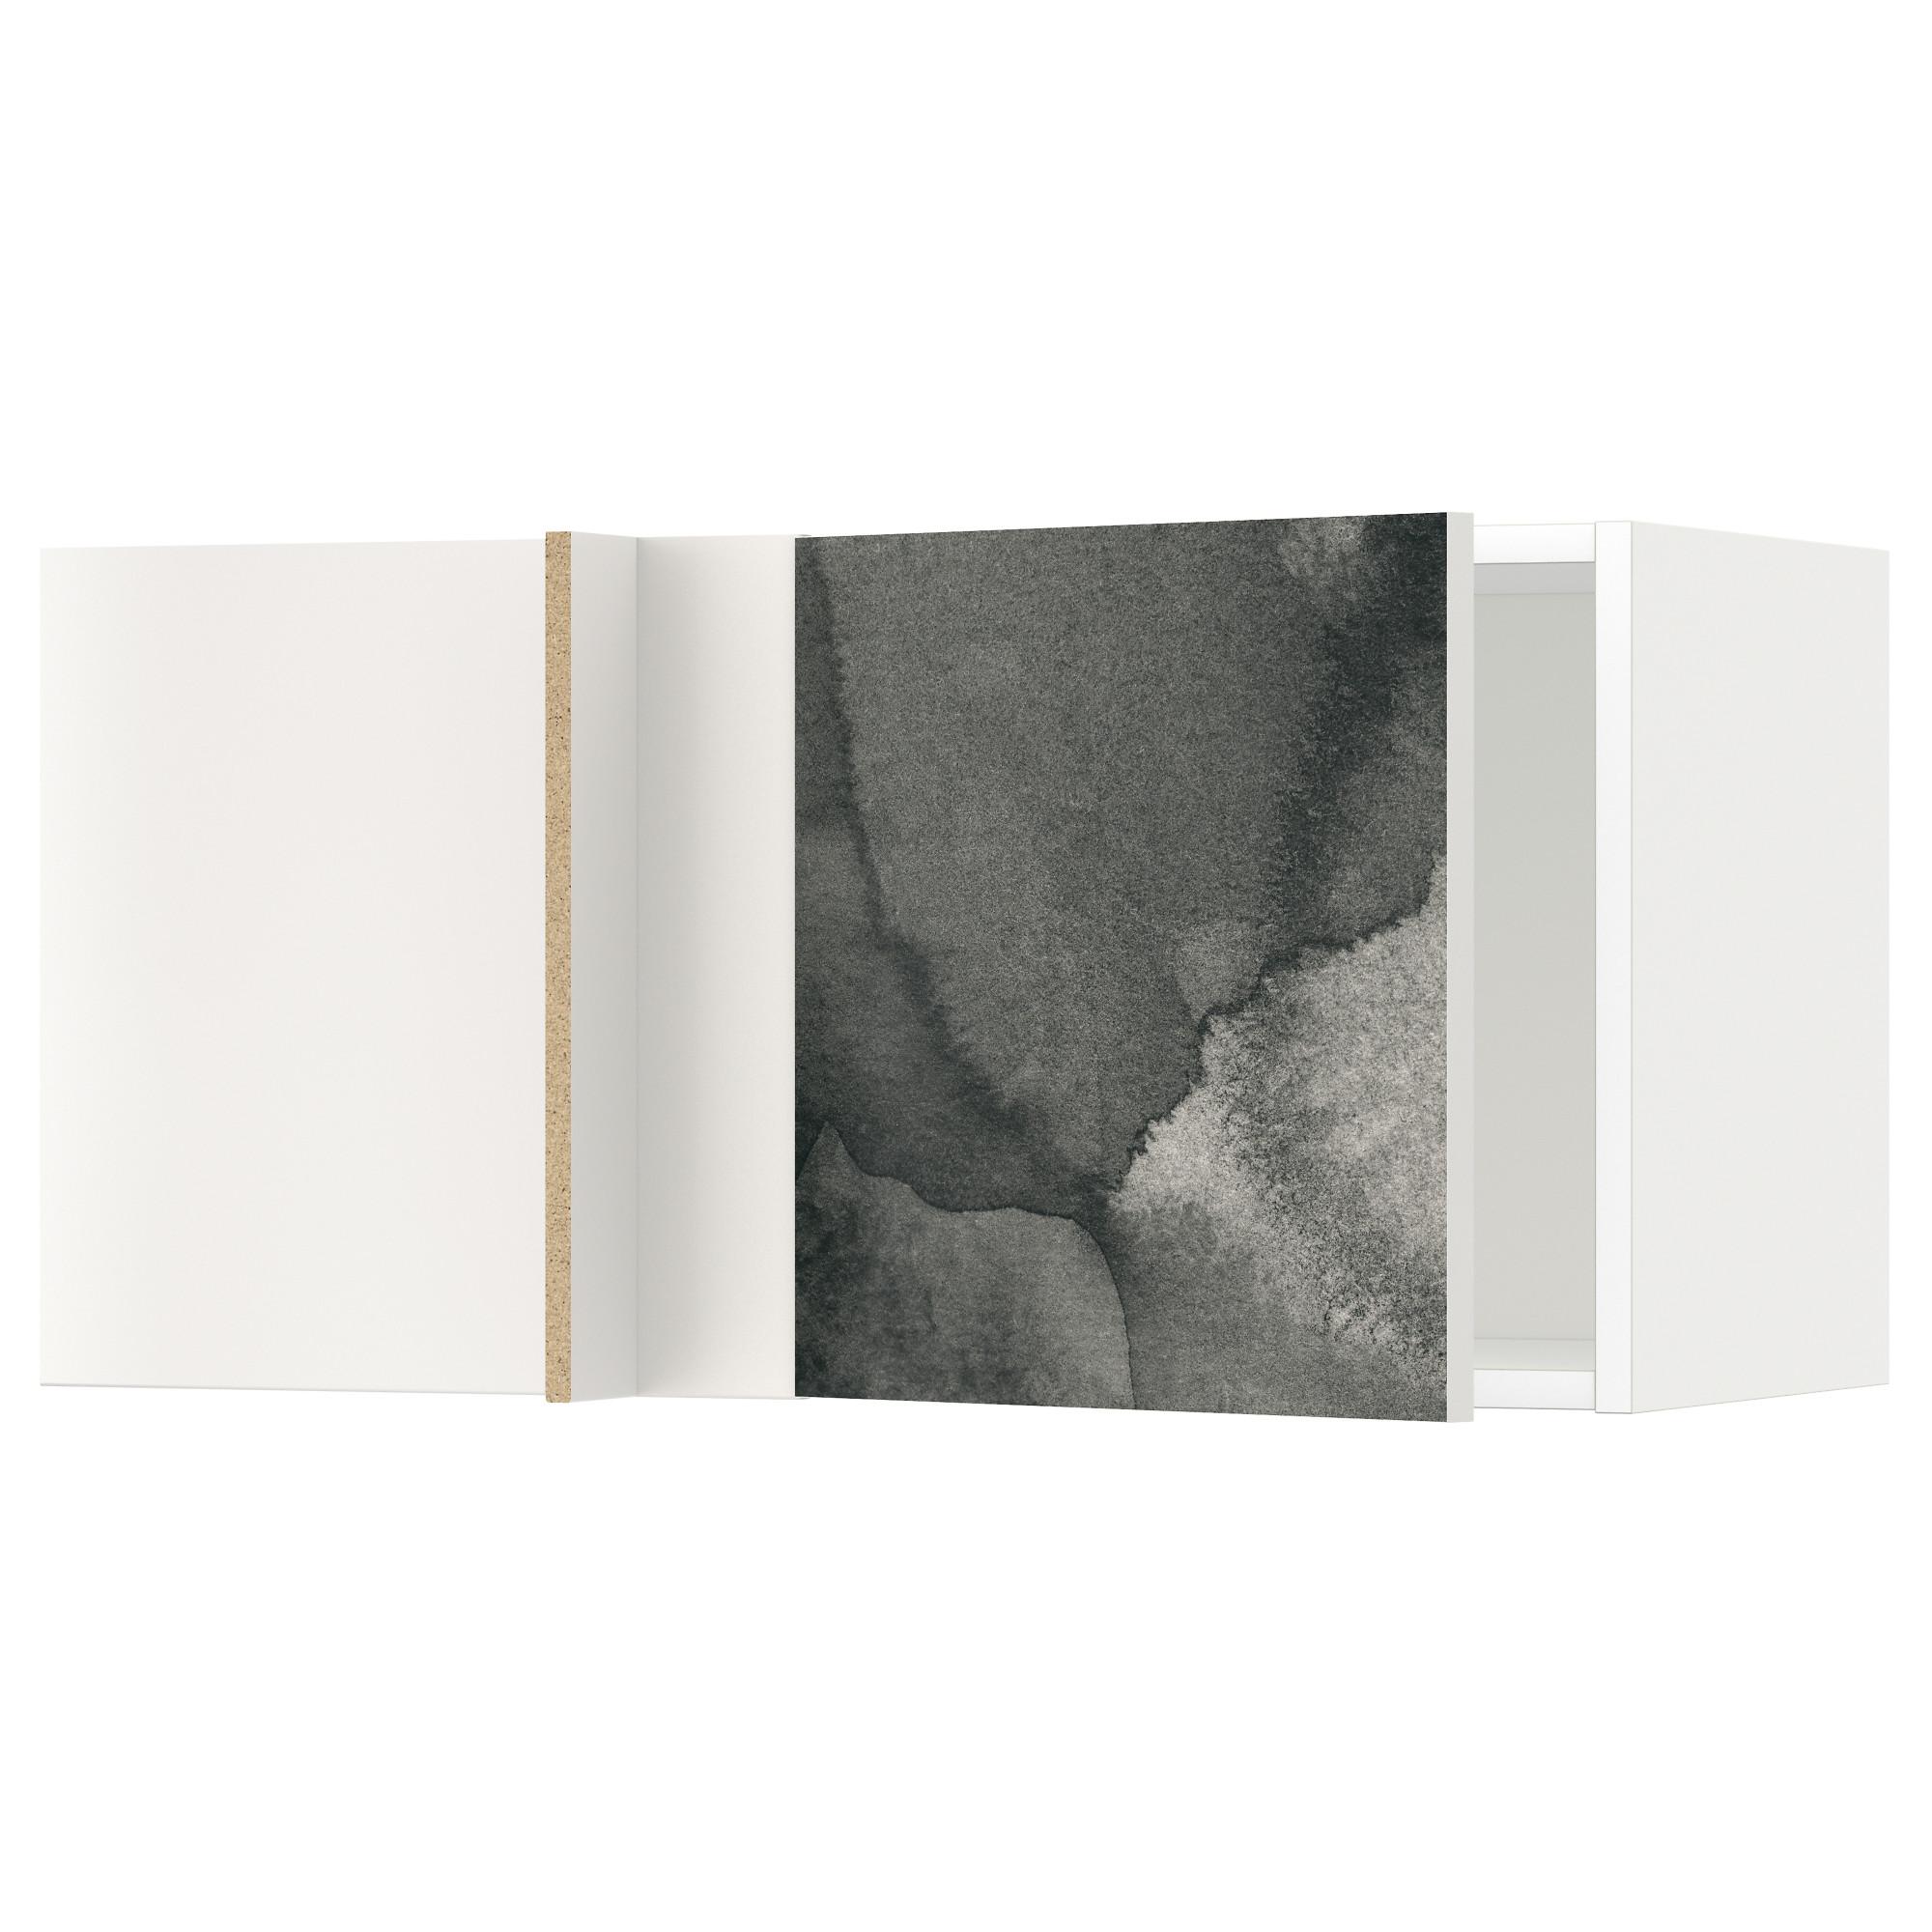 Шкаф навесной угловой МЕТОД белый артикуль № 492.320.27 в наличии. Онлайн сайт IKEA Беларусь. Быстрая доставка и монтаж.